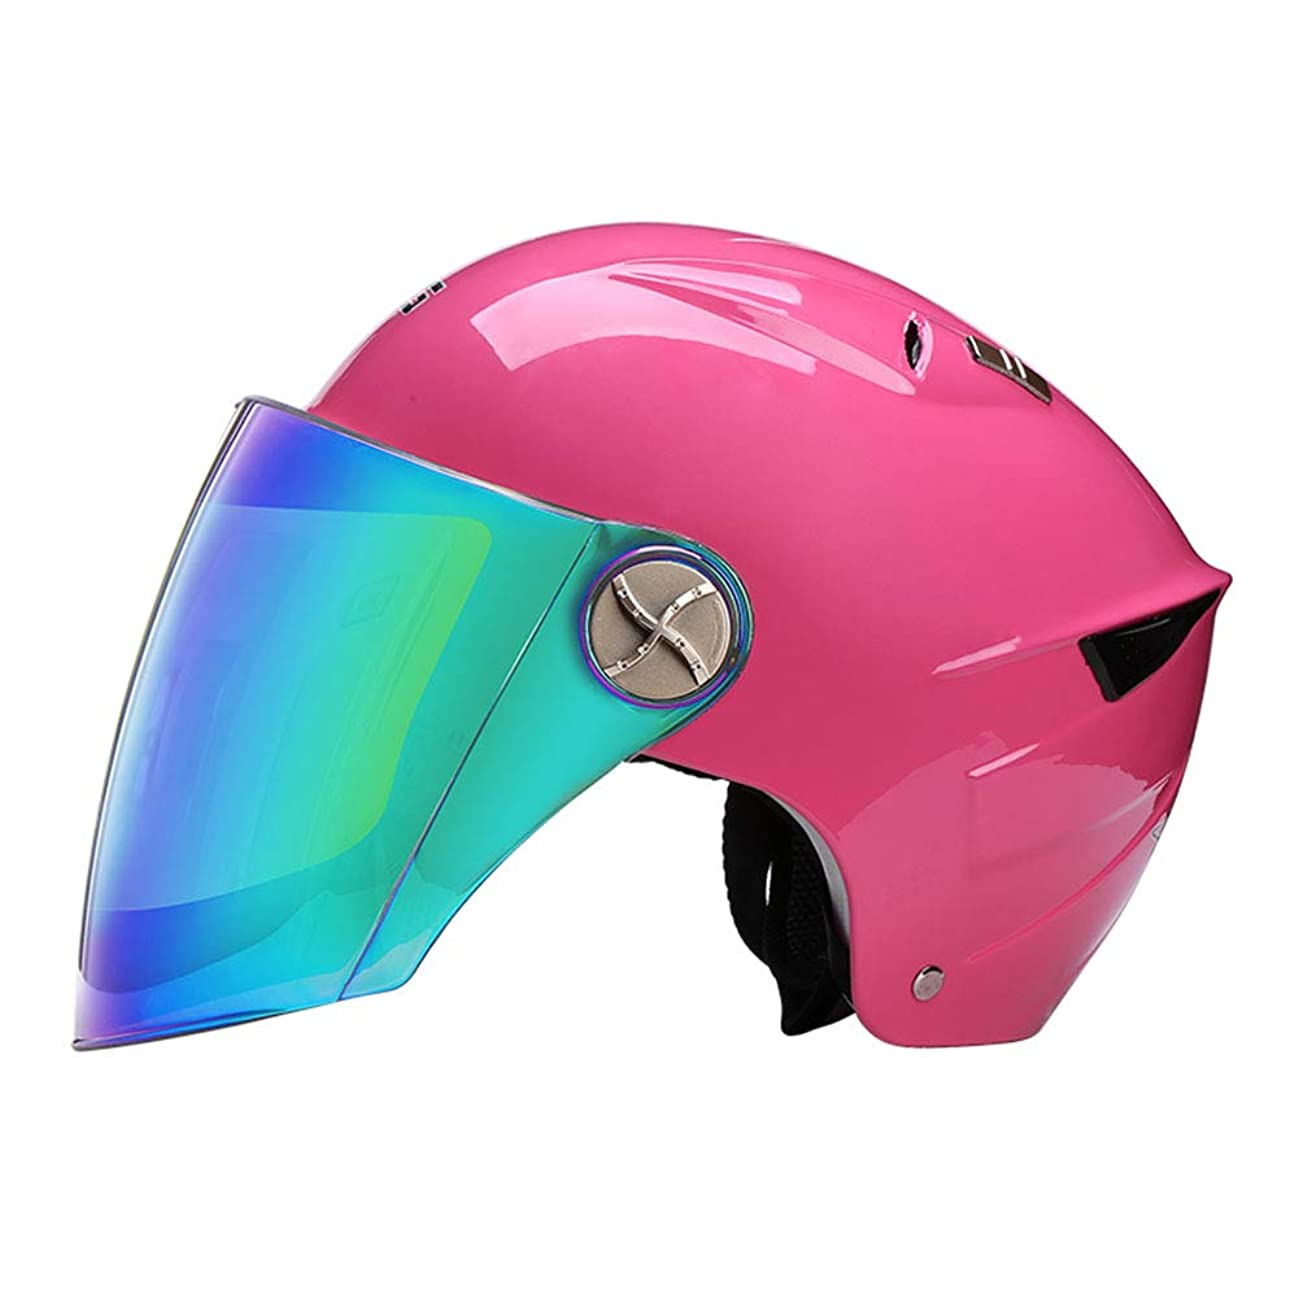 見込み乳疑いカラフルなシールド クール ヘルメット バイク 男女兼用 日焼け止め UVカット カジュアル バッテリカー フリップアップ 保護軽量 人気半帽 オールシーズン 愉快 通勤&ストリート 夏最高 ニース ピンク